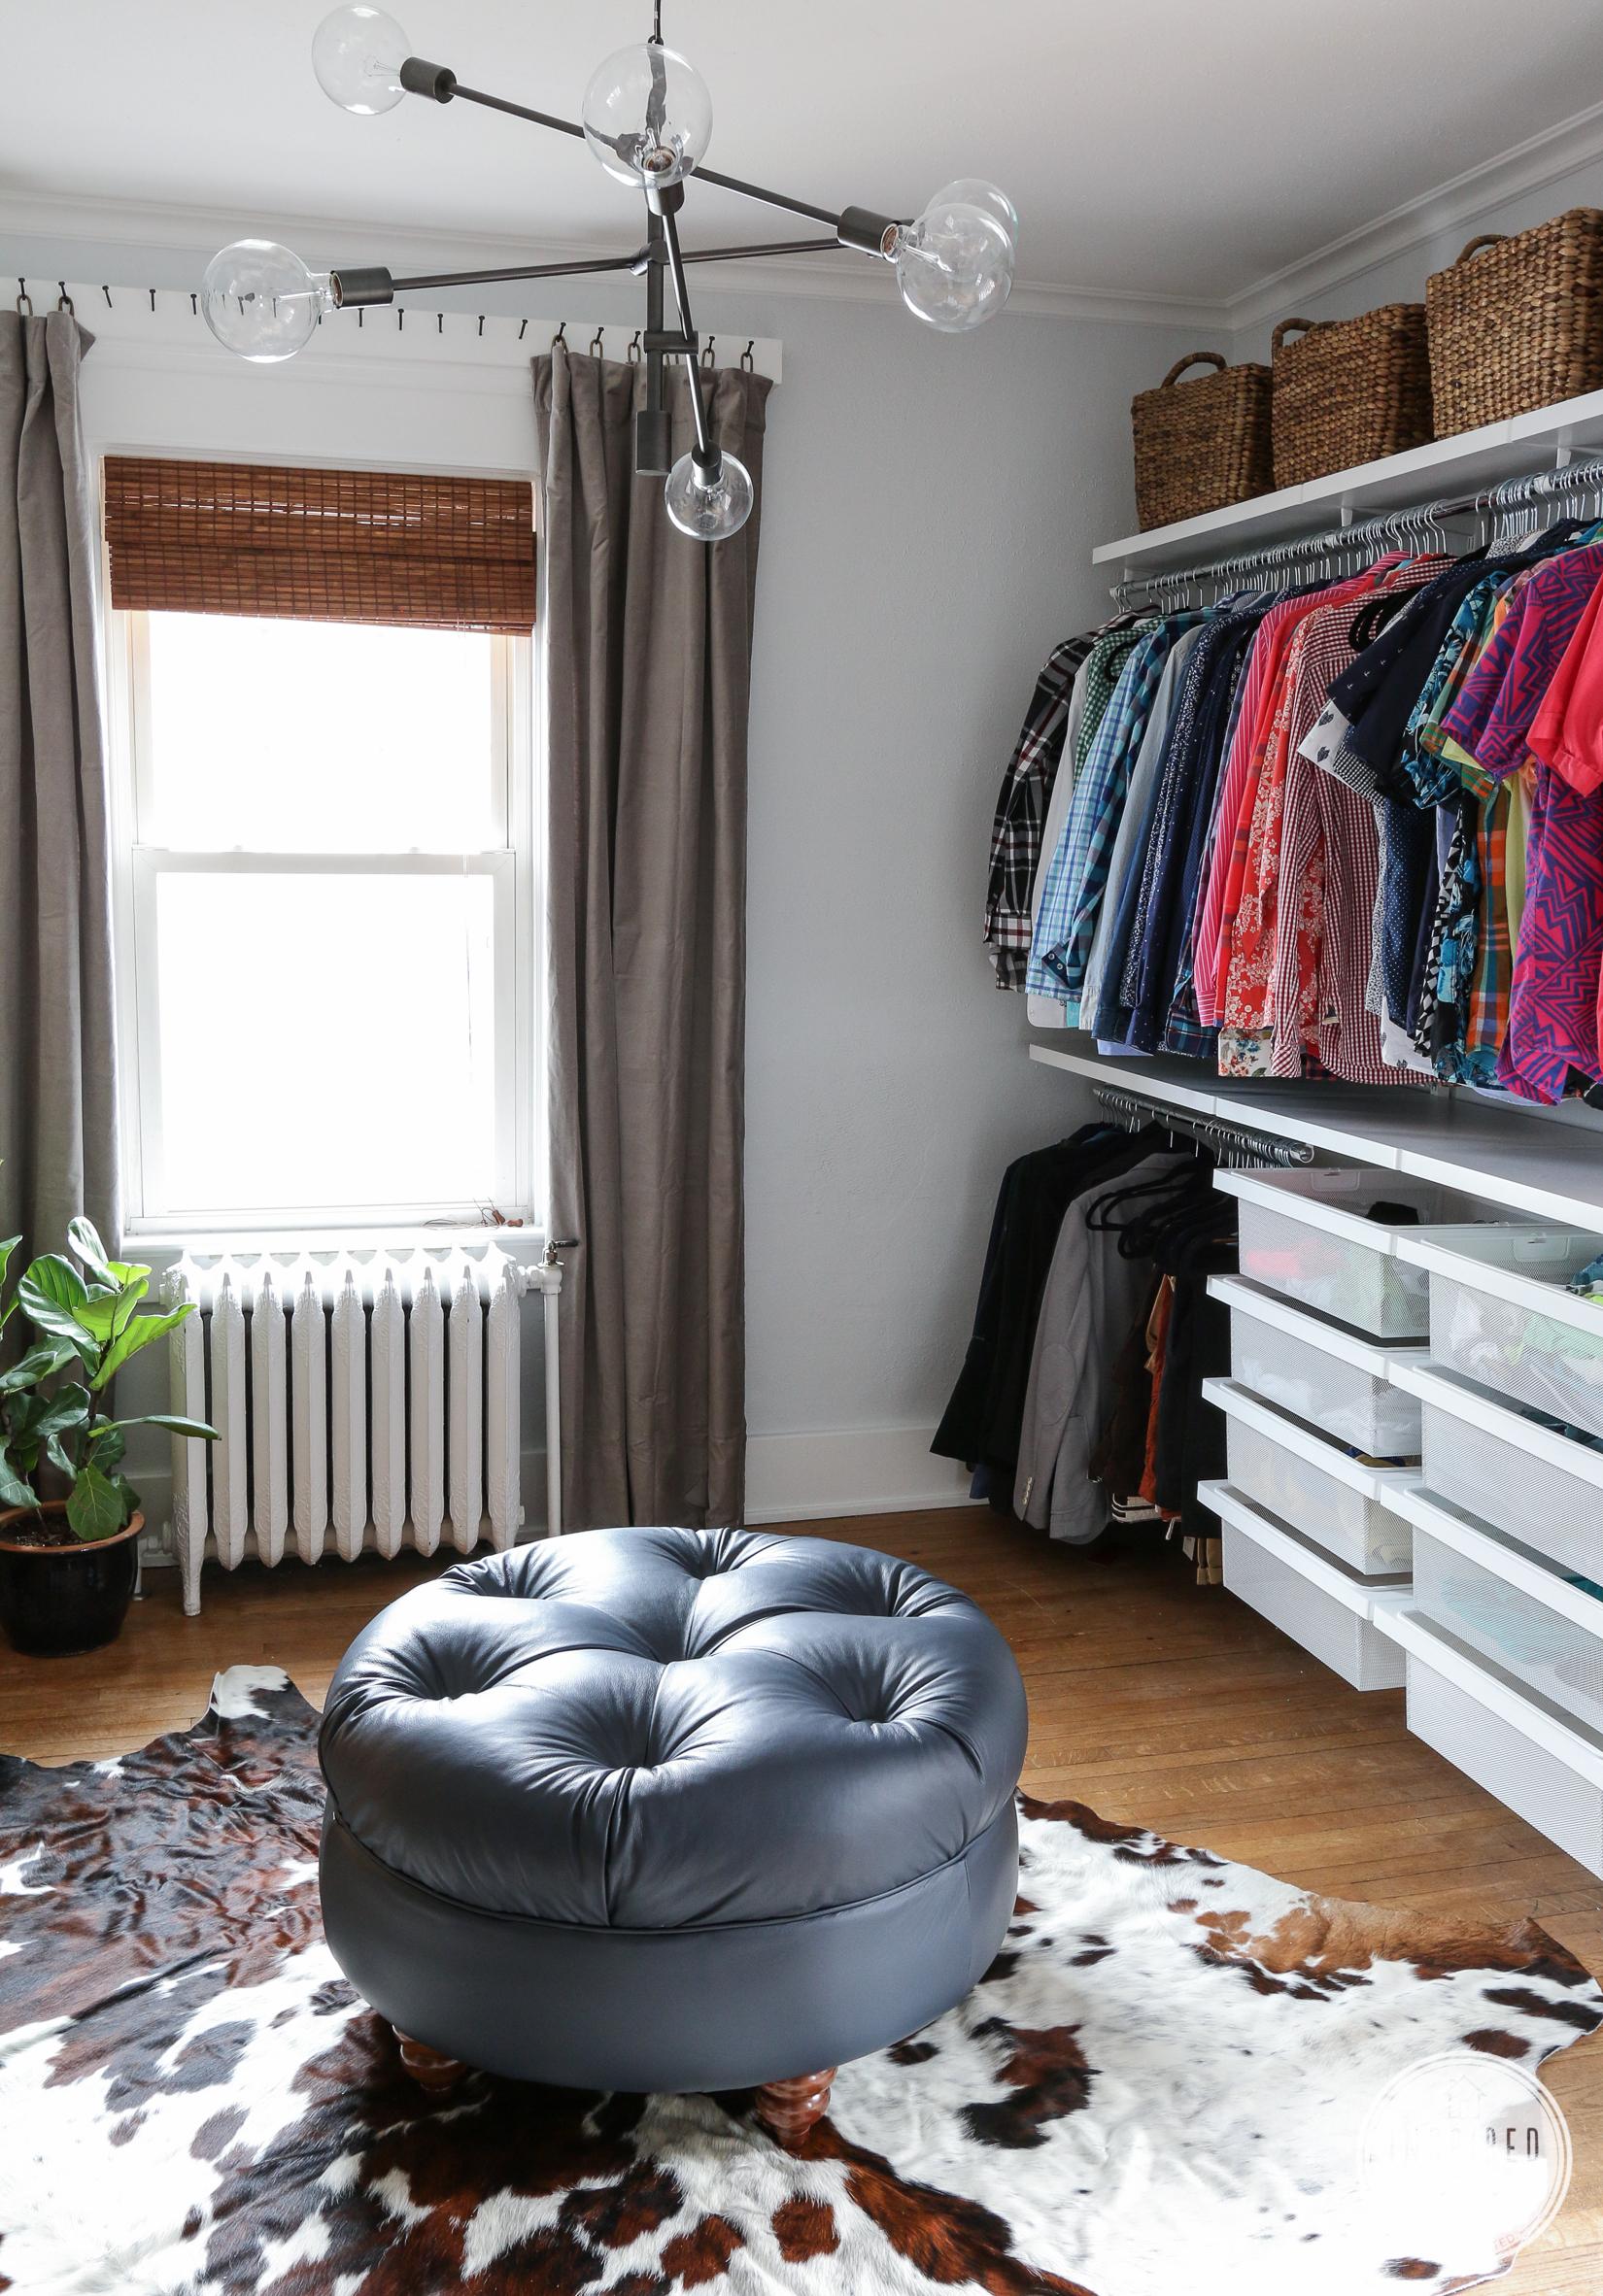 Wondrous Closet Ottoman Alphanode Cool Chair Designs And Ideas Alphanodeonline